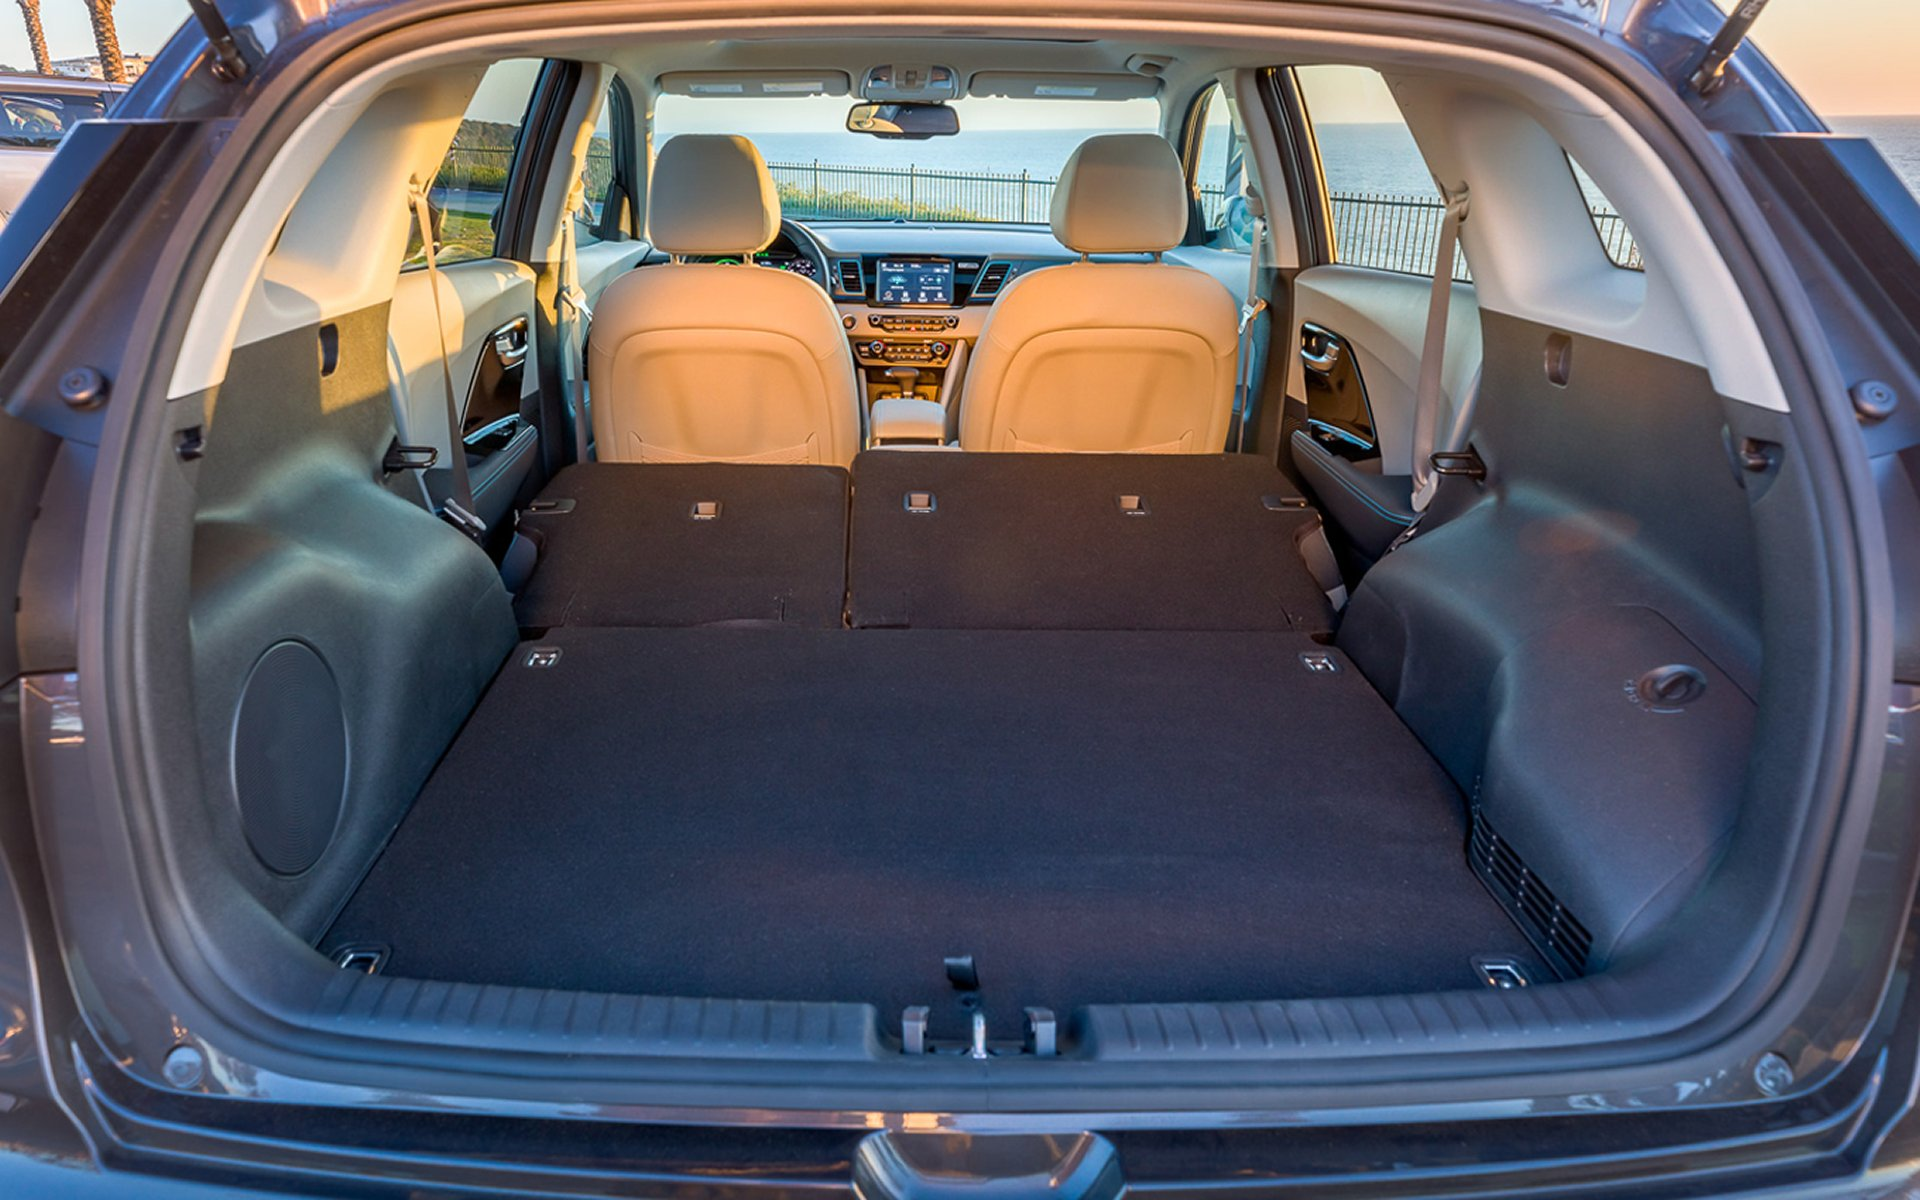 الصندوق الخلفي الواسع و الكبير للسيارة كيا نيرو 2018 الهجينة